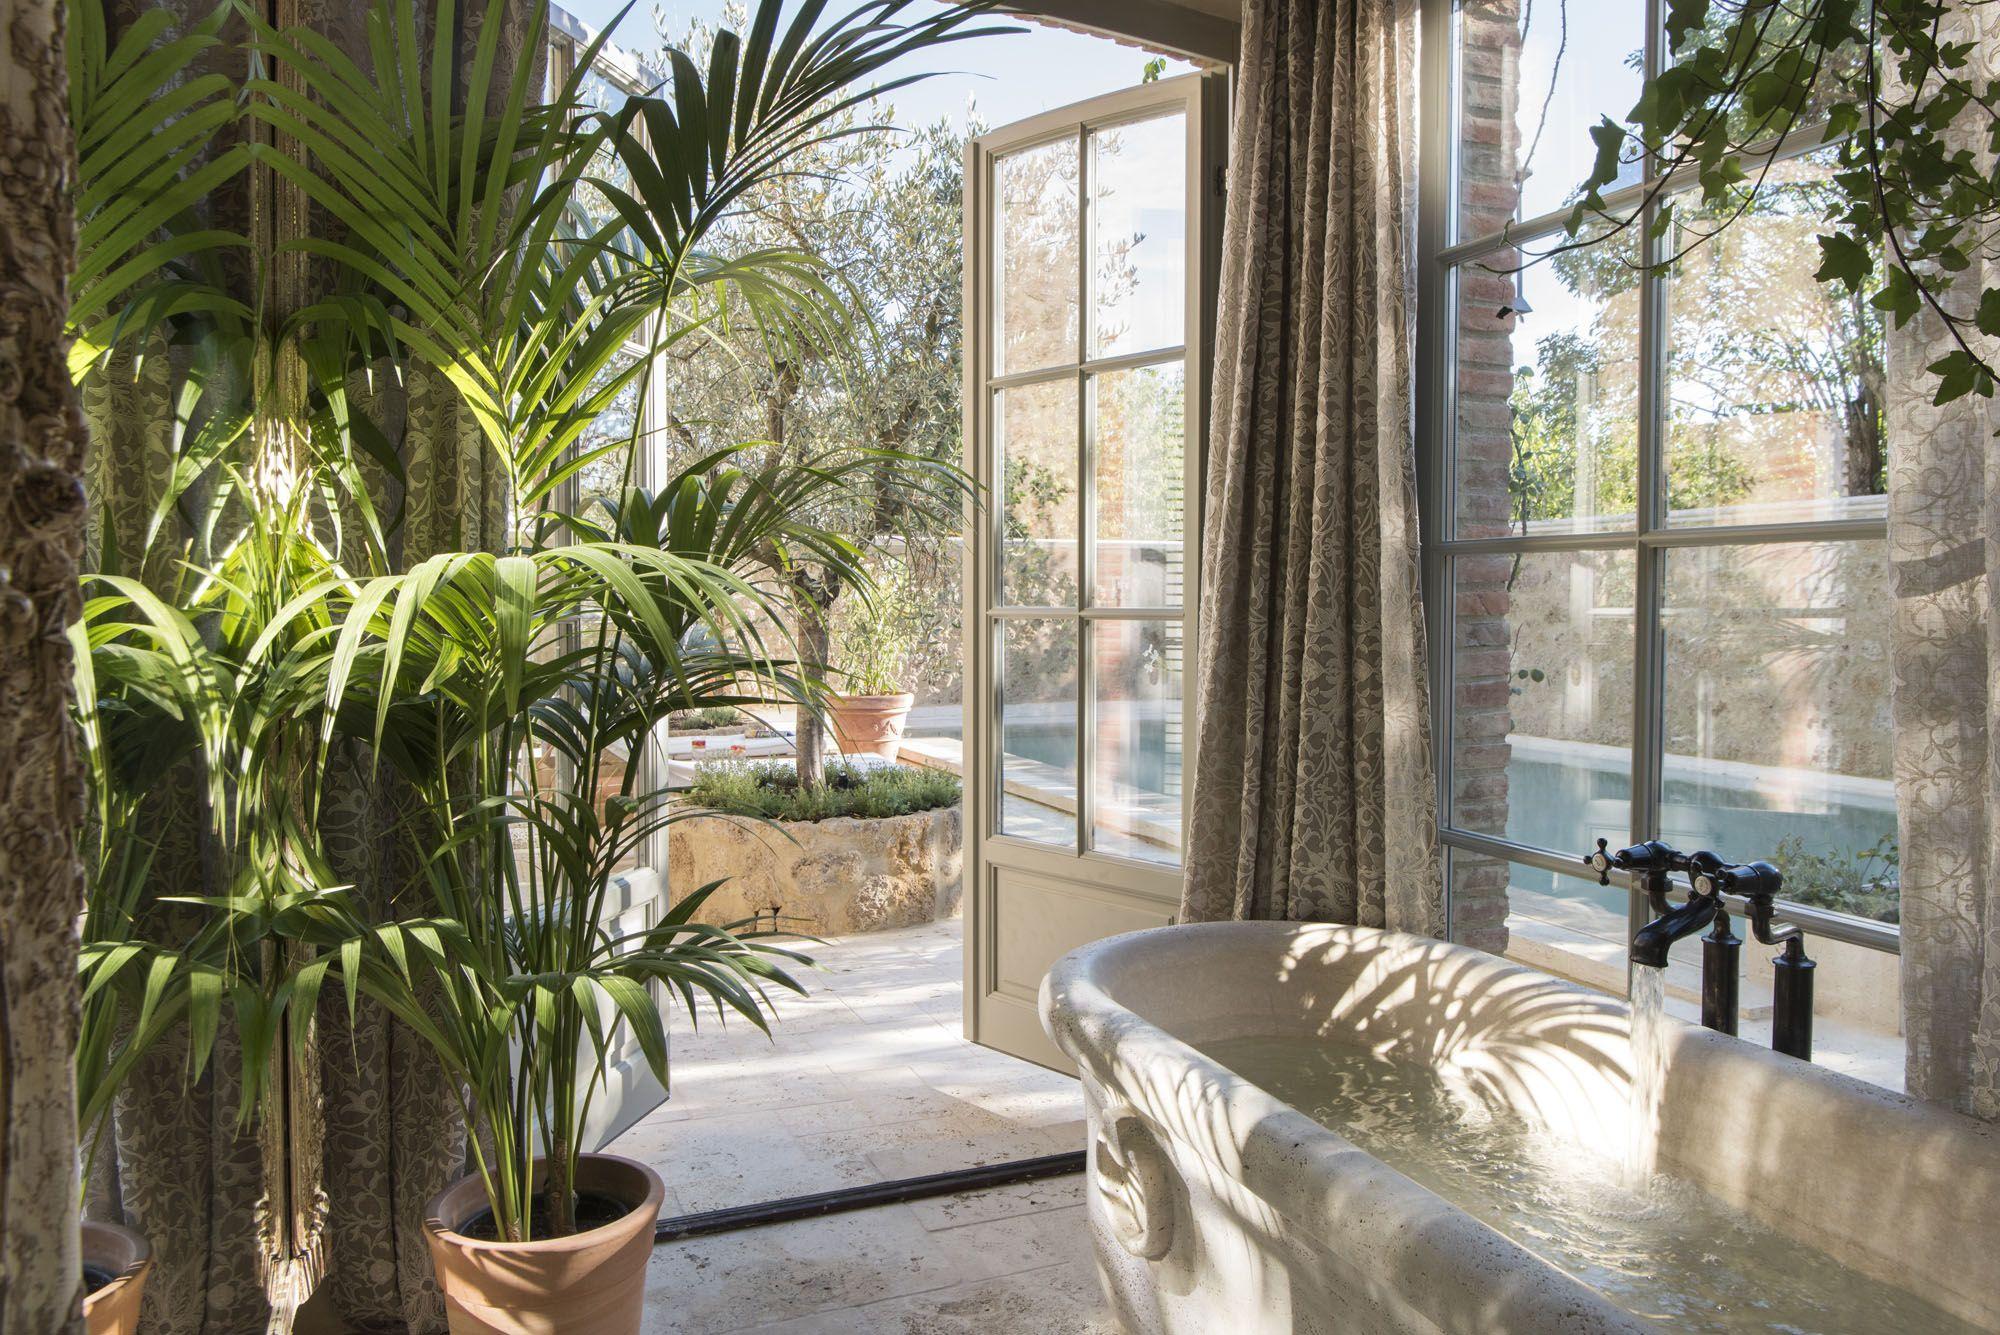 Từ các dãy phòng đến spa, tất cả mọi thứ được thiết kế để giúp khách có nhịp sống chậm hơn và đón nhận một viễn cảnh bình tĩnh hơn